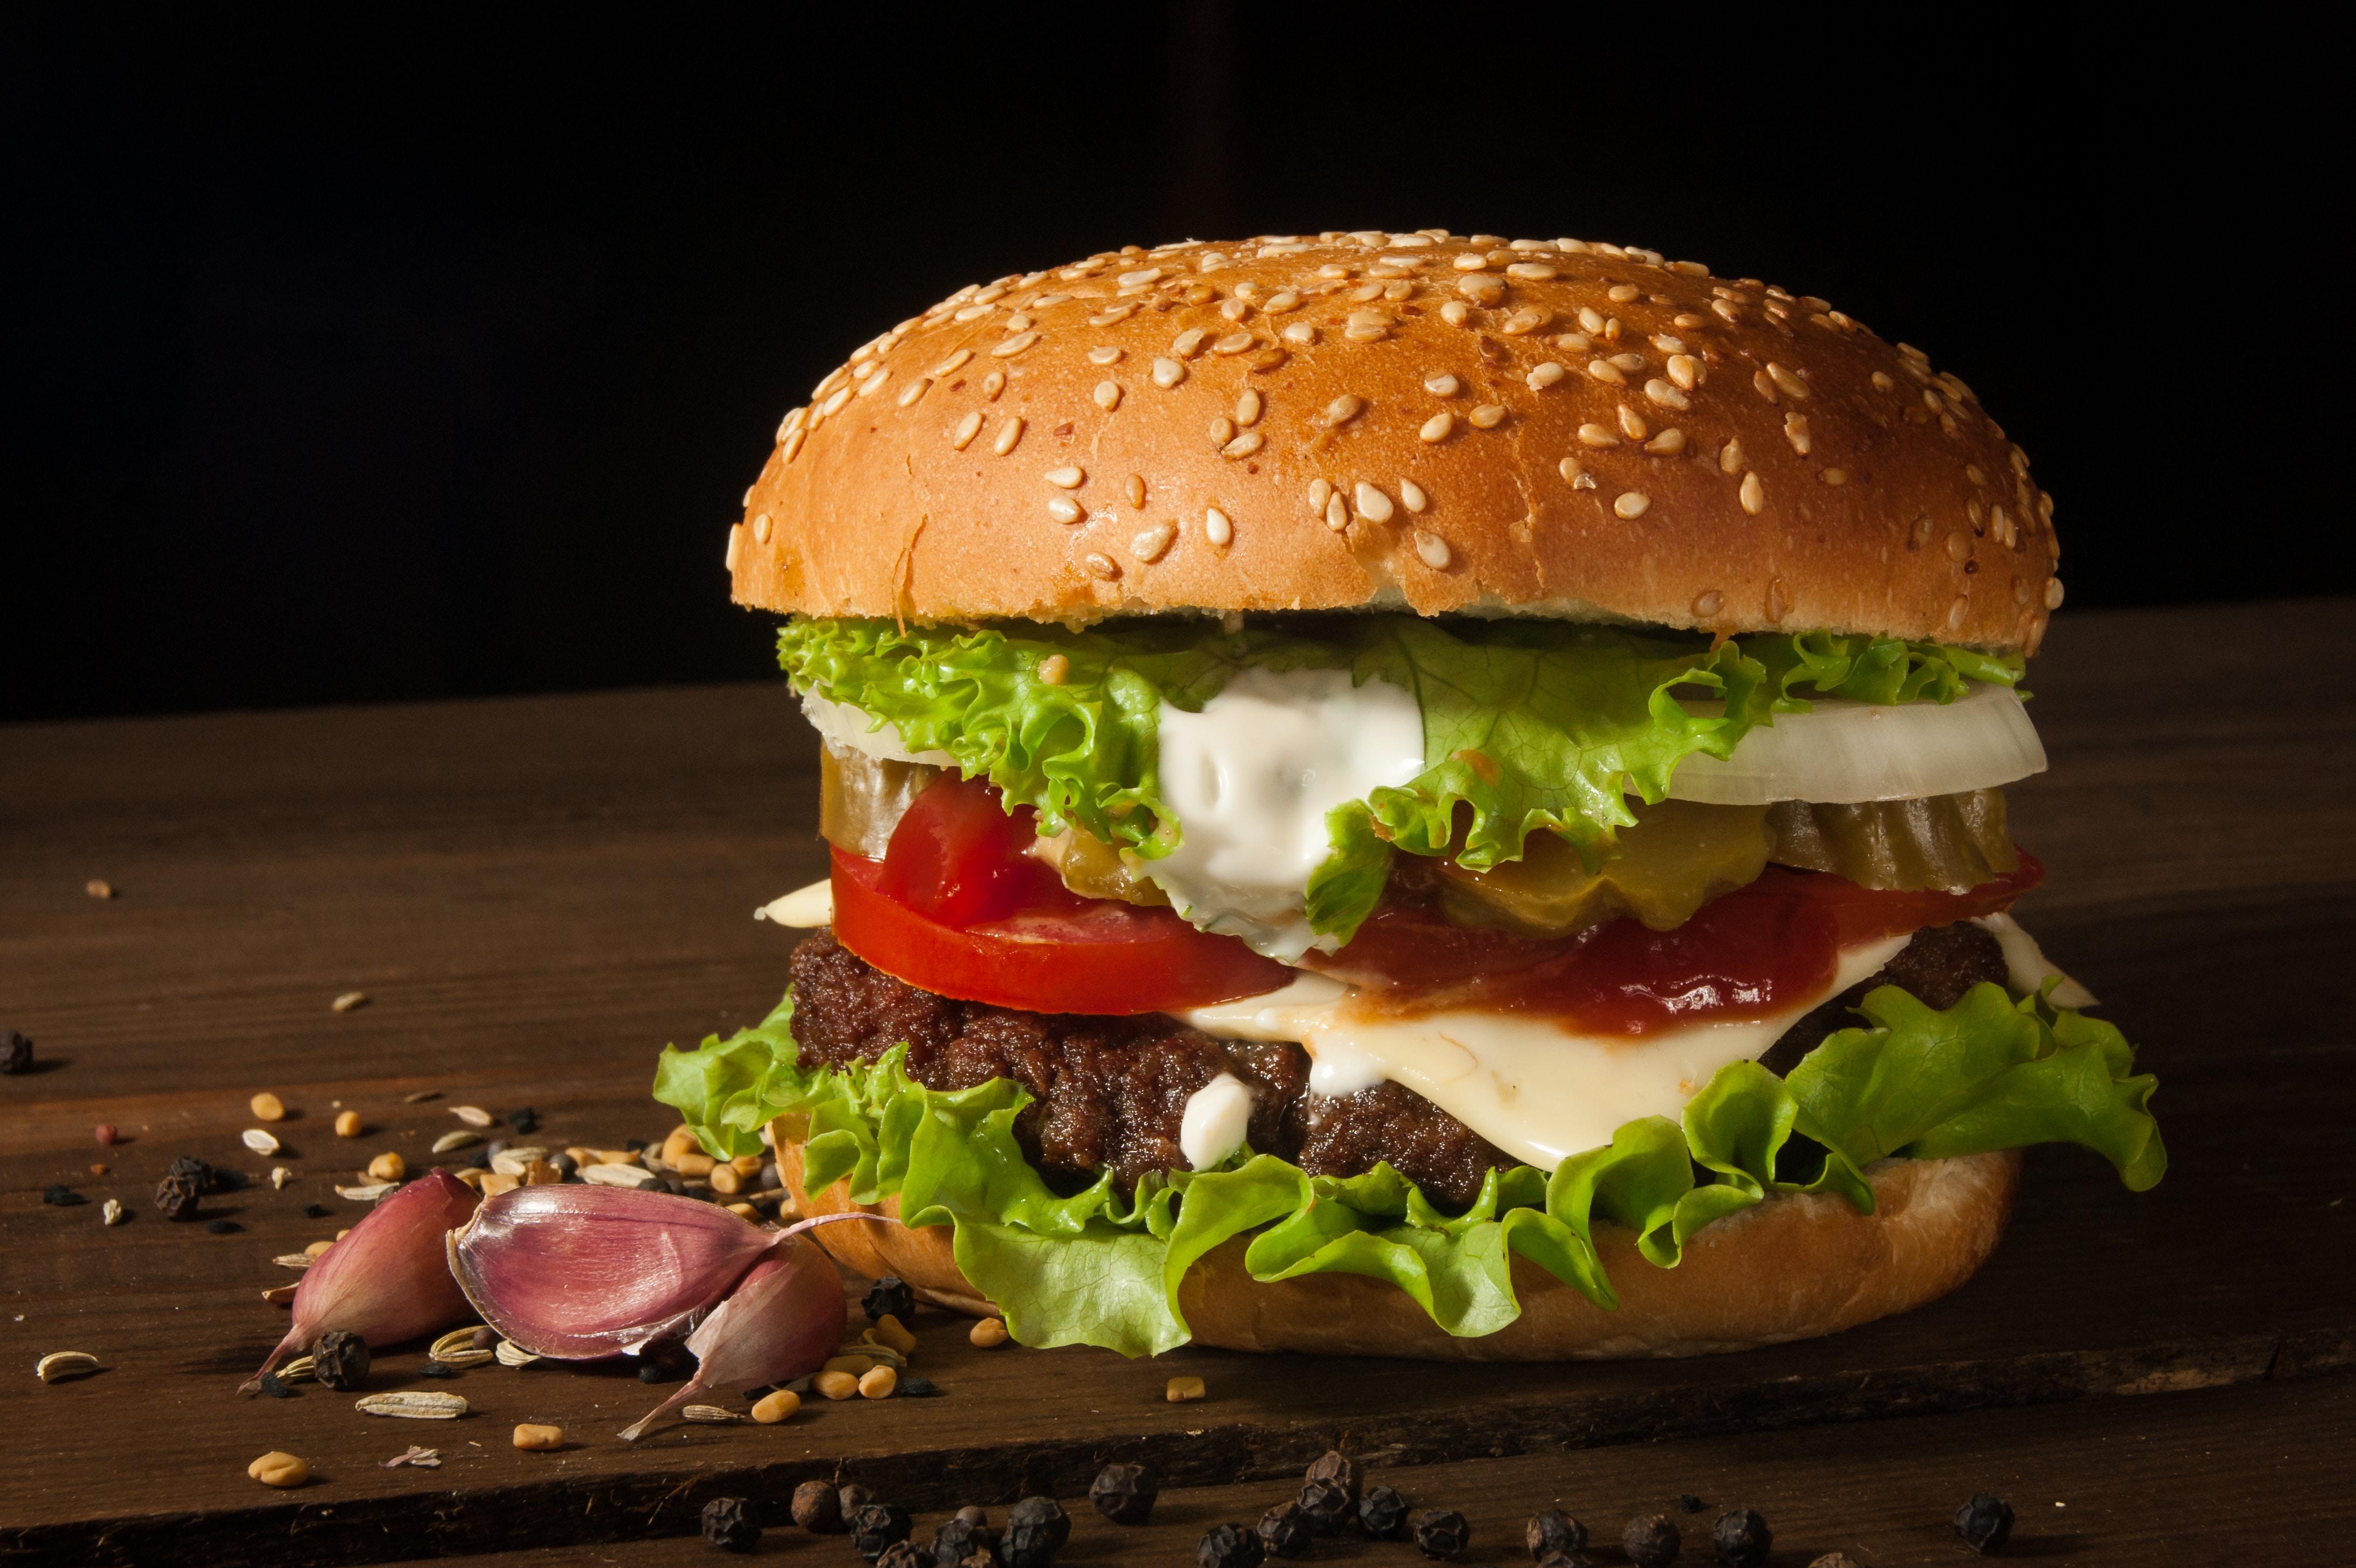 【夢占い】ハンバーガーの夢は何のサイン?ハンバーガーの夢の意味を解説